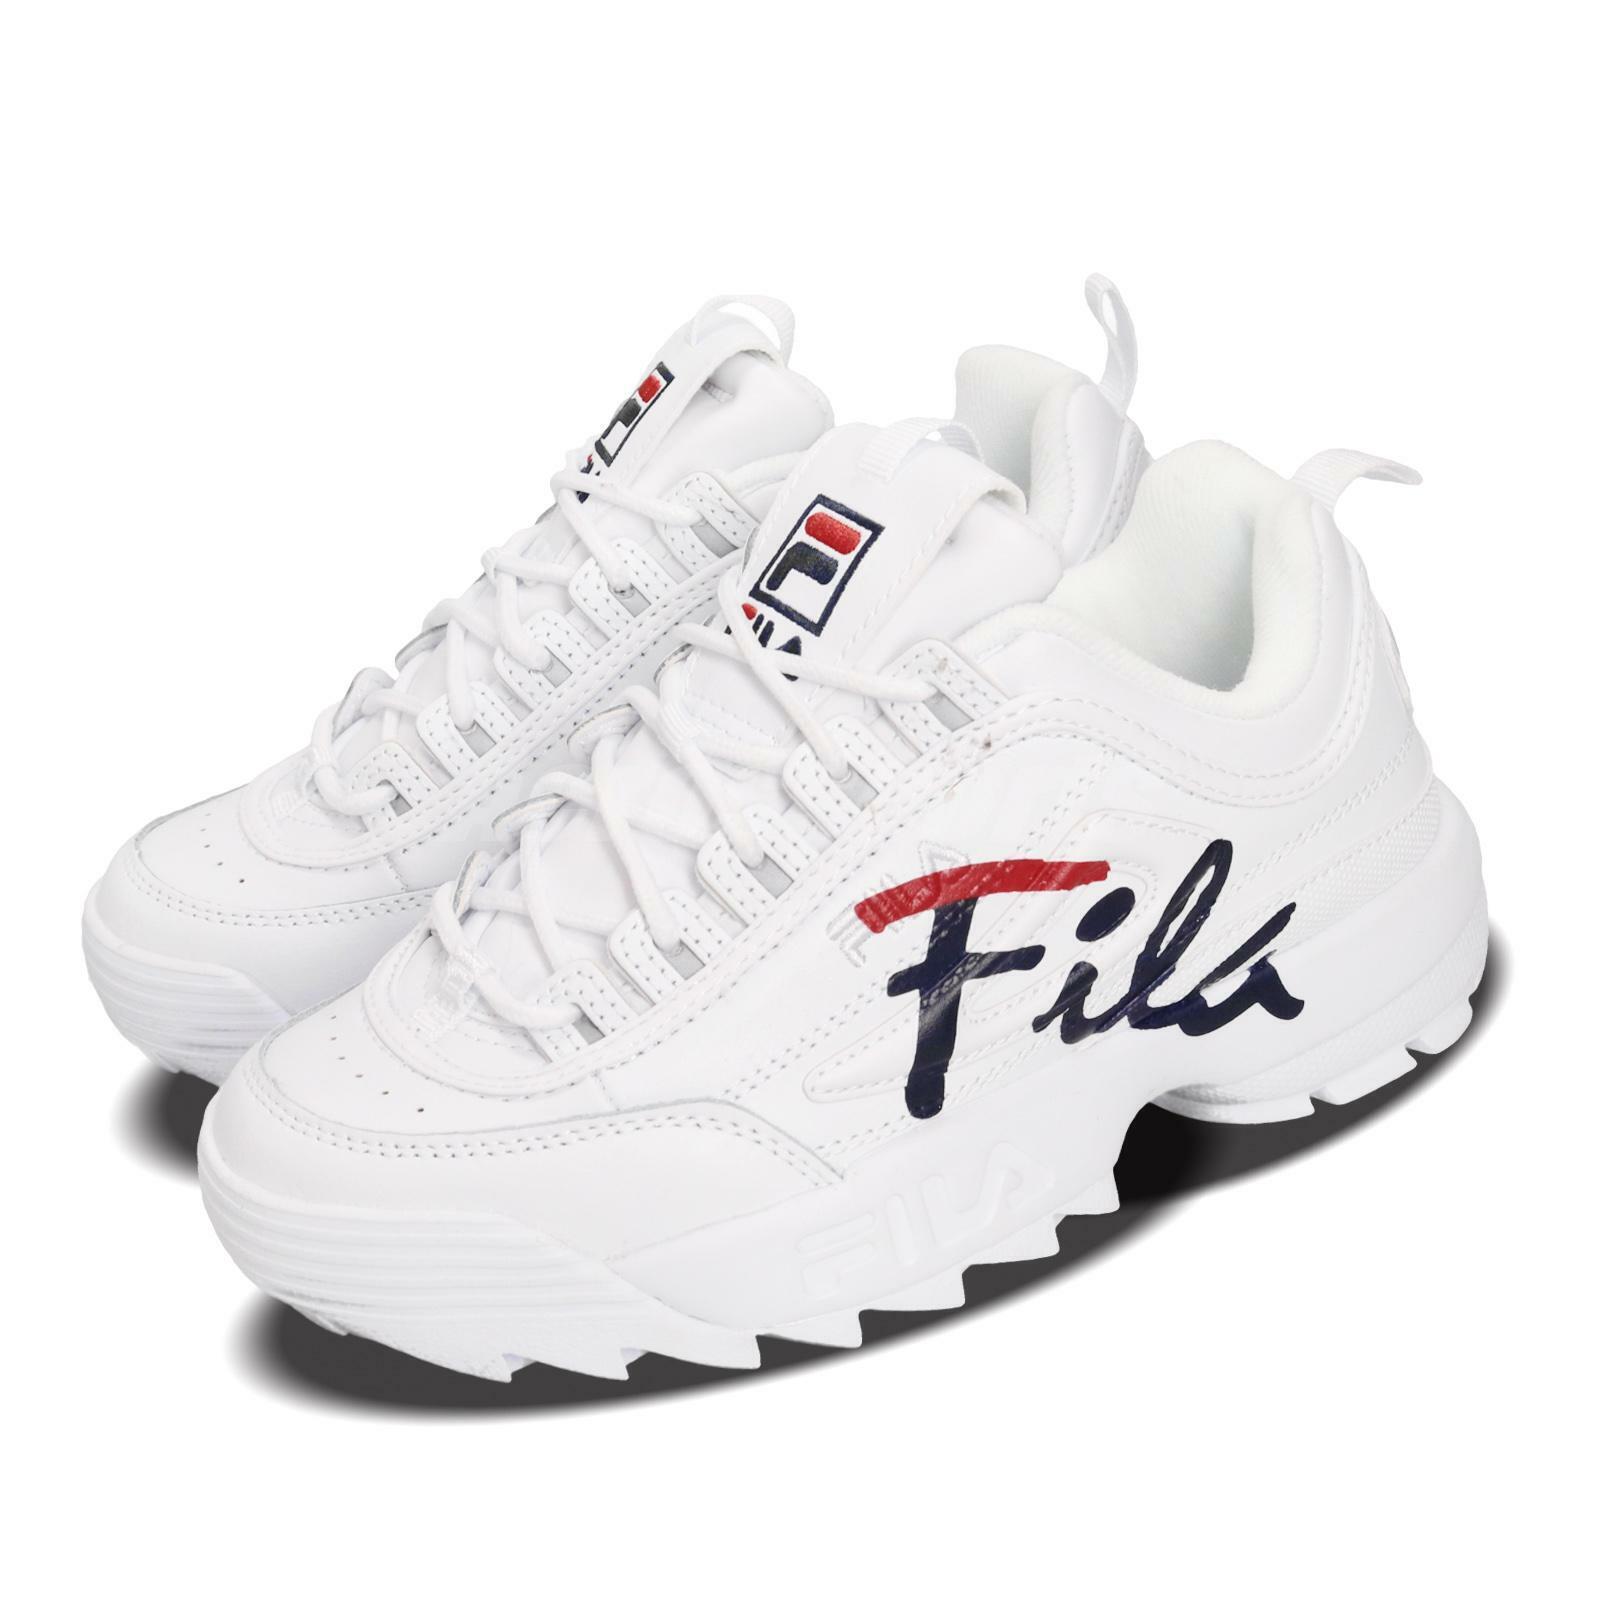 Fila Disruptor II  Script Logo blancoo Rojo Azul Marino Mujeres Zapato de correr Lifestyle Grueso  Las ventas en línea ahorran un 70%.